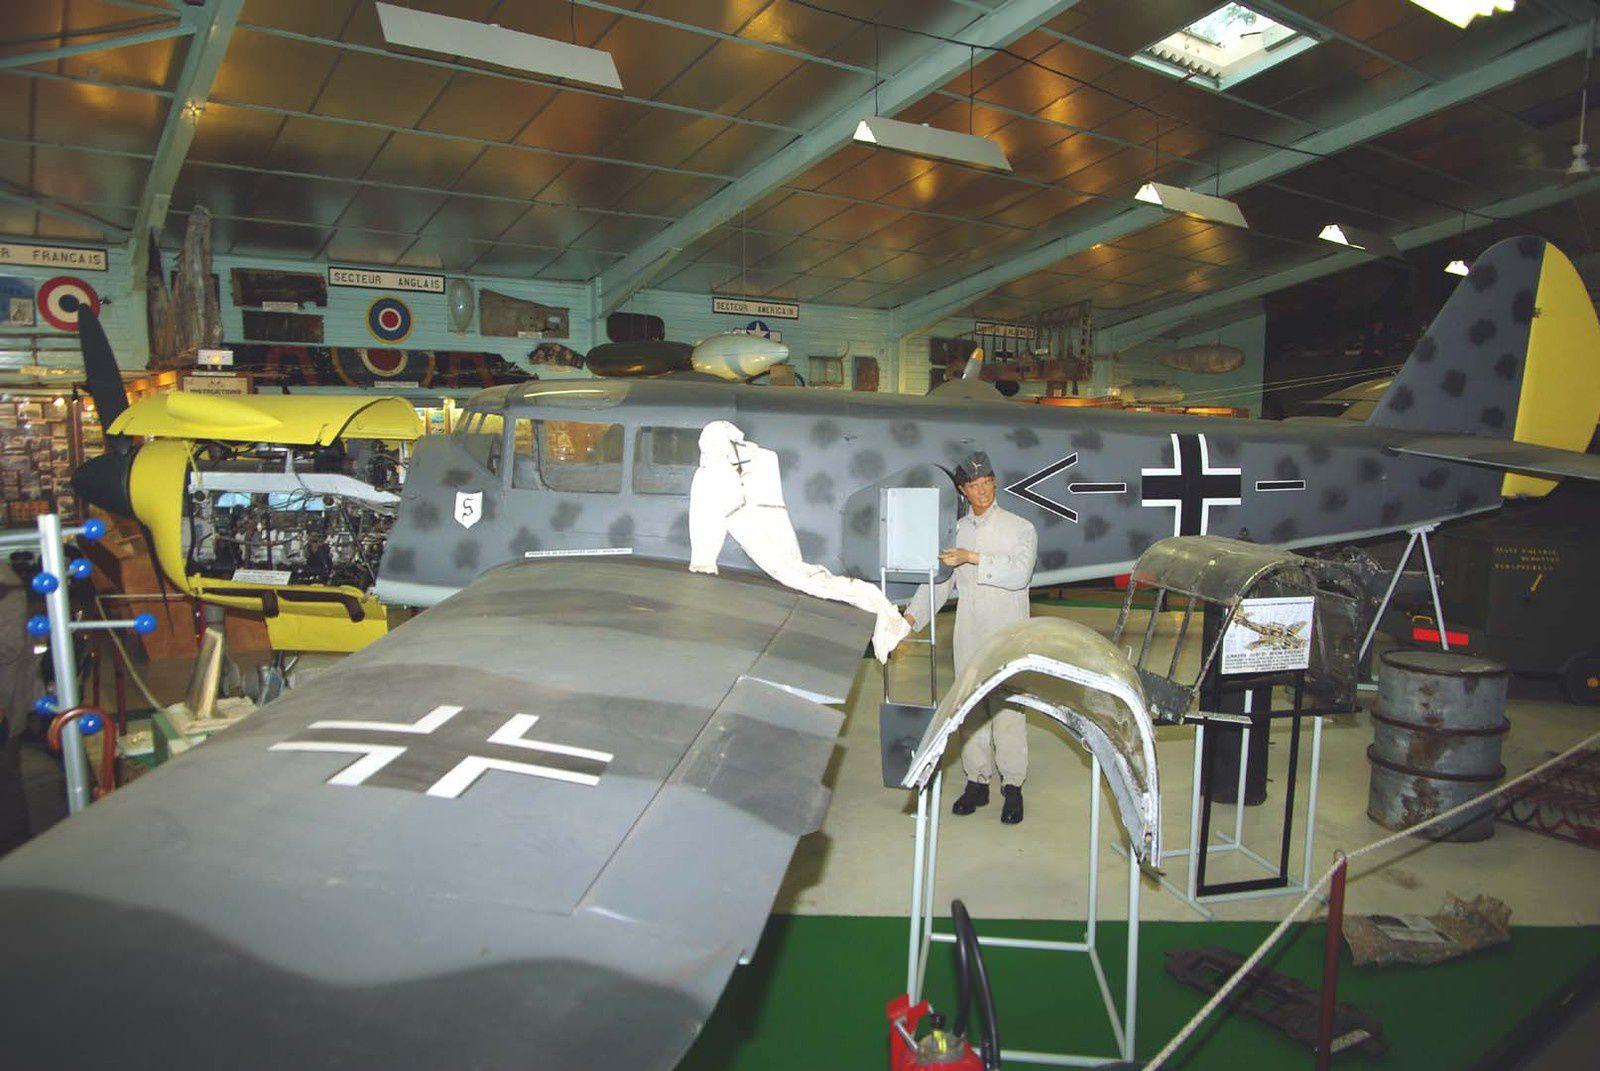 On ne connait pas le numéro de série du Nord 1101 Noralpha peint style Luftwaffe.